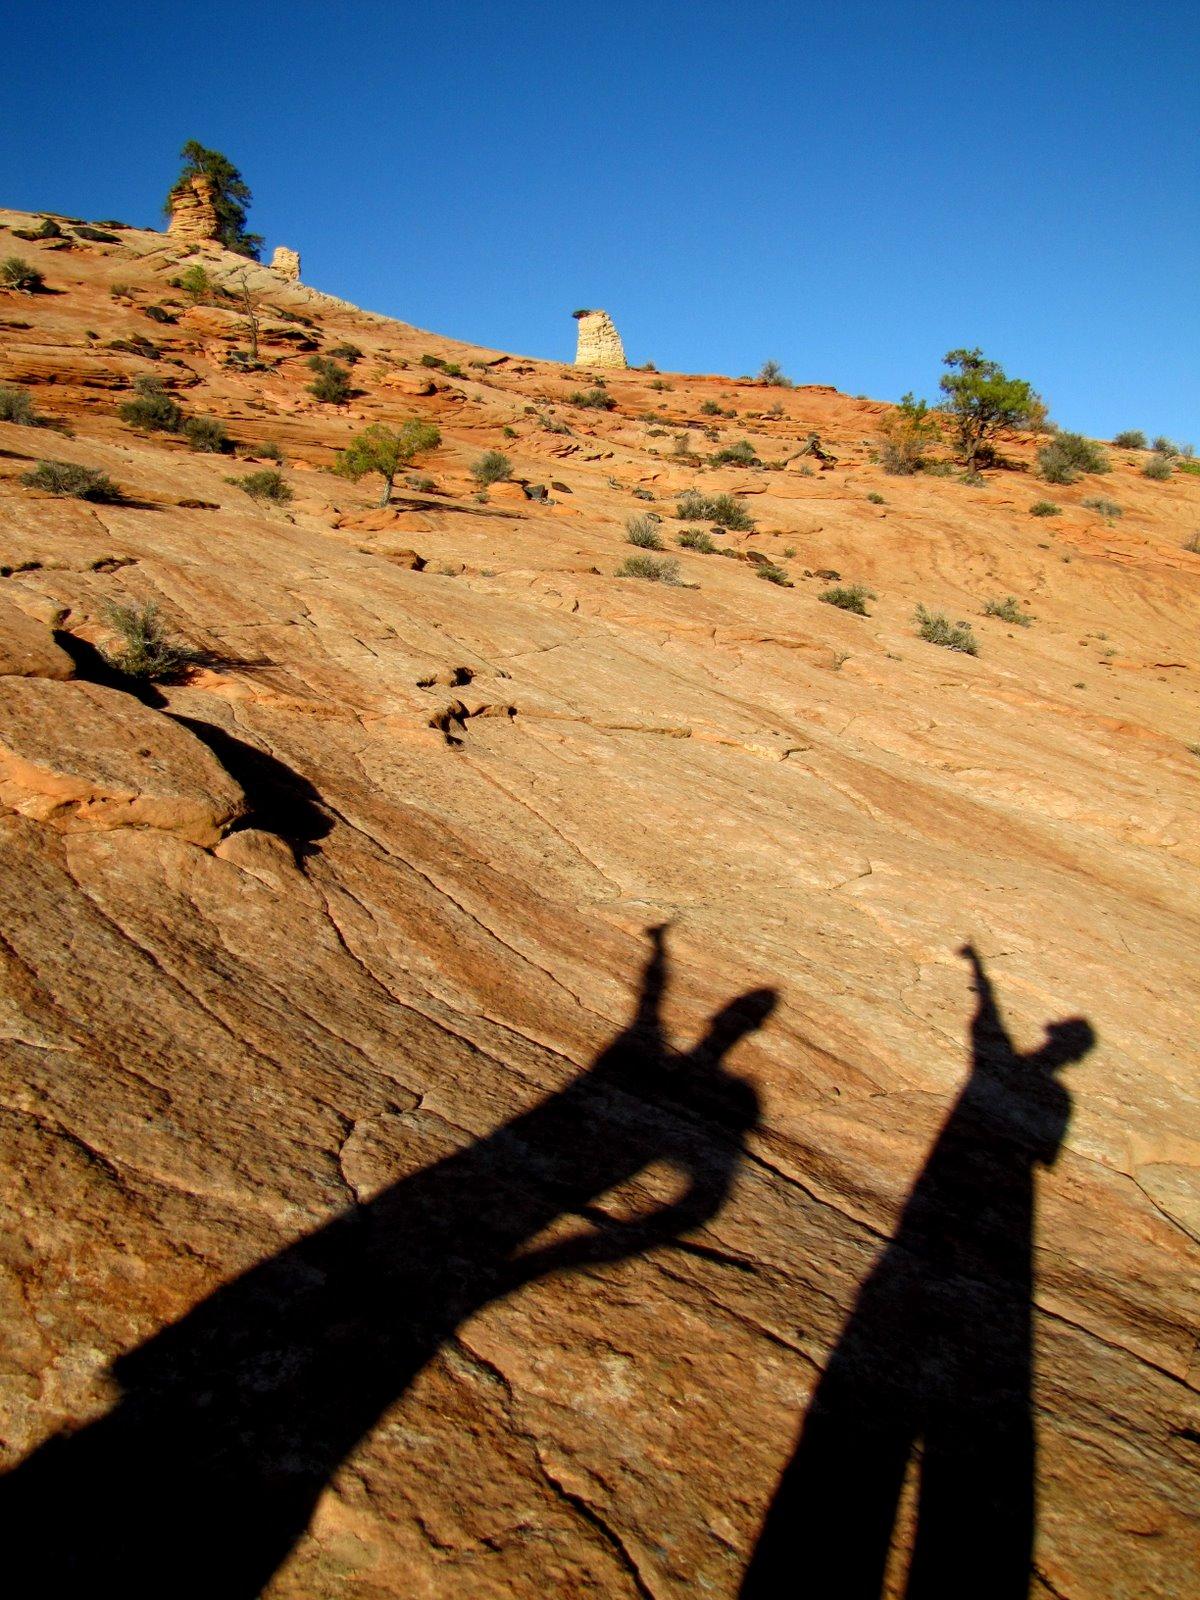 Árnyékaink a sziklán  Shadows on the rock